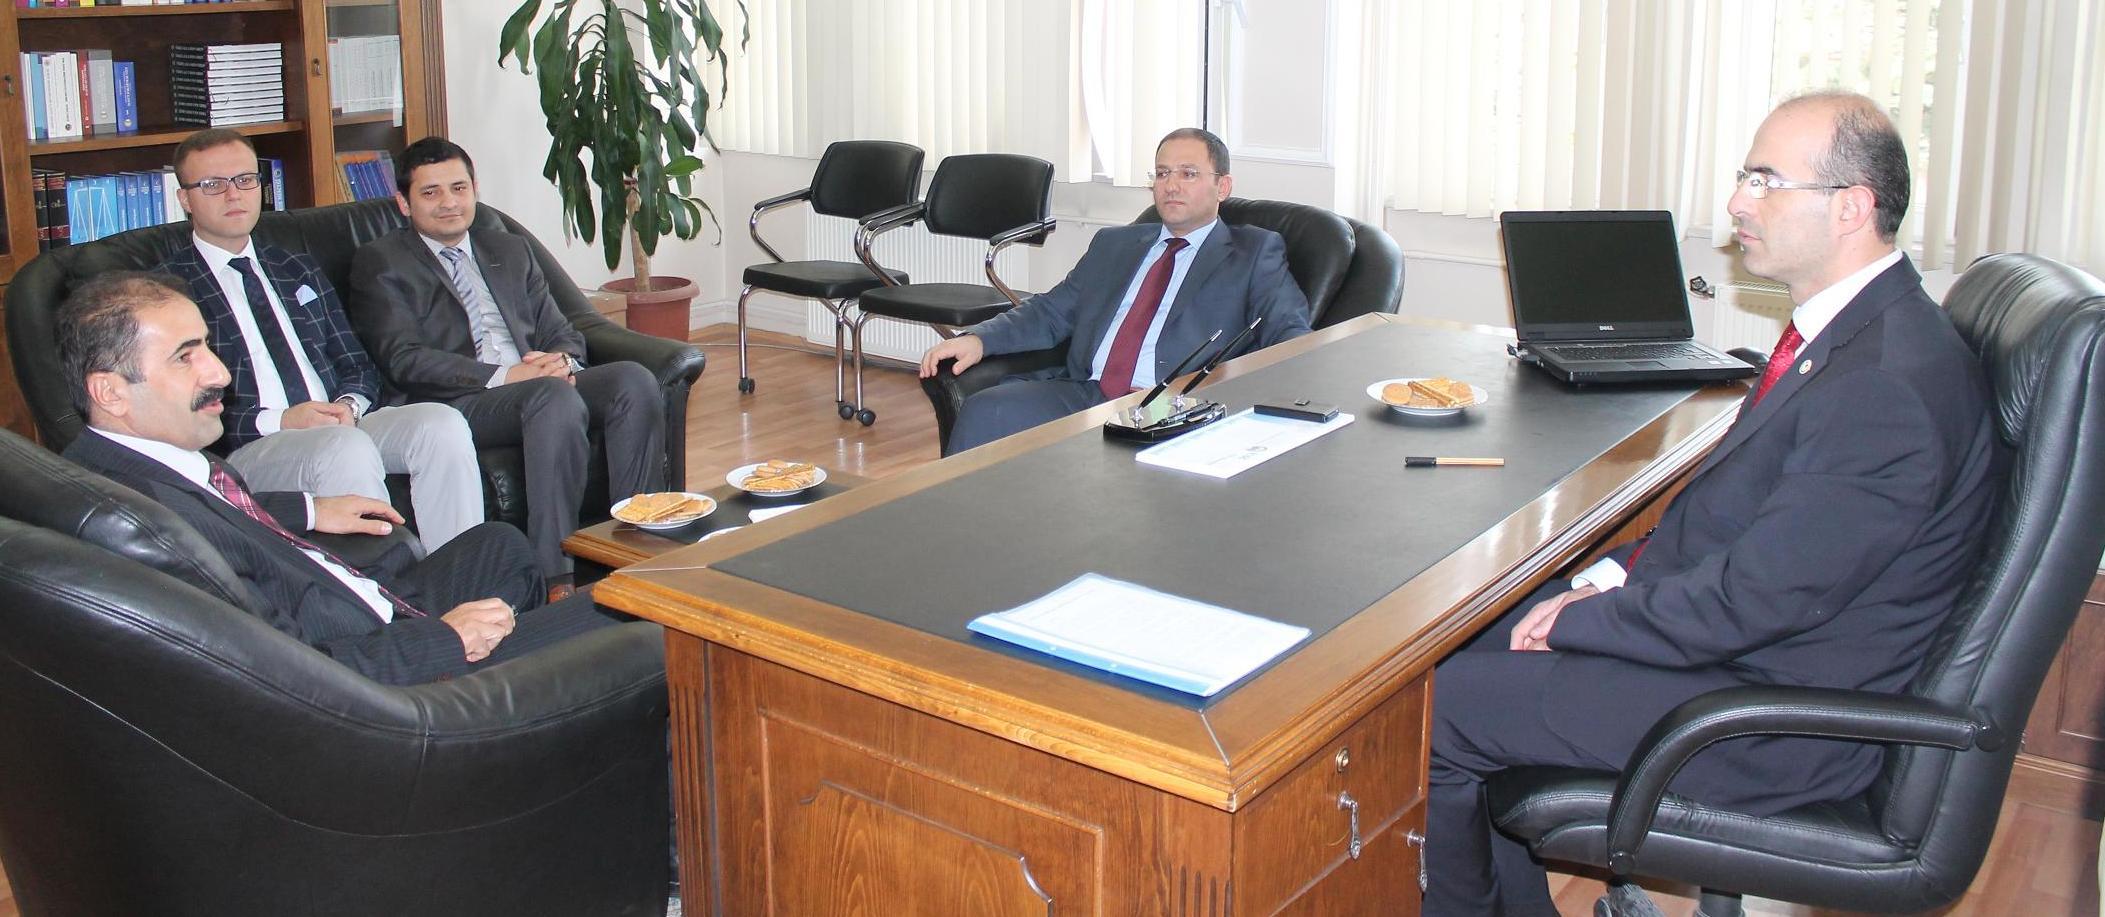 Tokat Cumhuriyet Başsavcısı Hasan KAYA ve İdare Mahkemesi Başkanı Mehmet KARAKUŞ' un Baro Başkanımıza Tebrik ziyareti